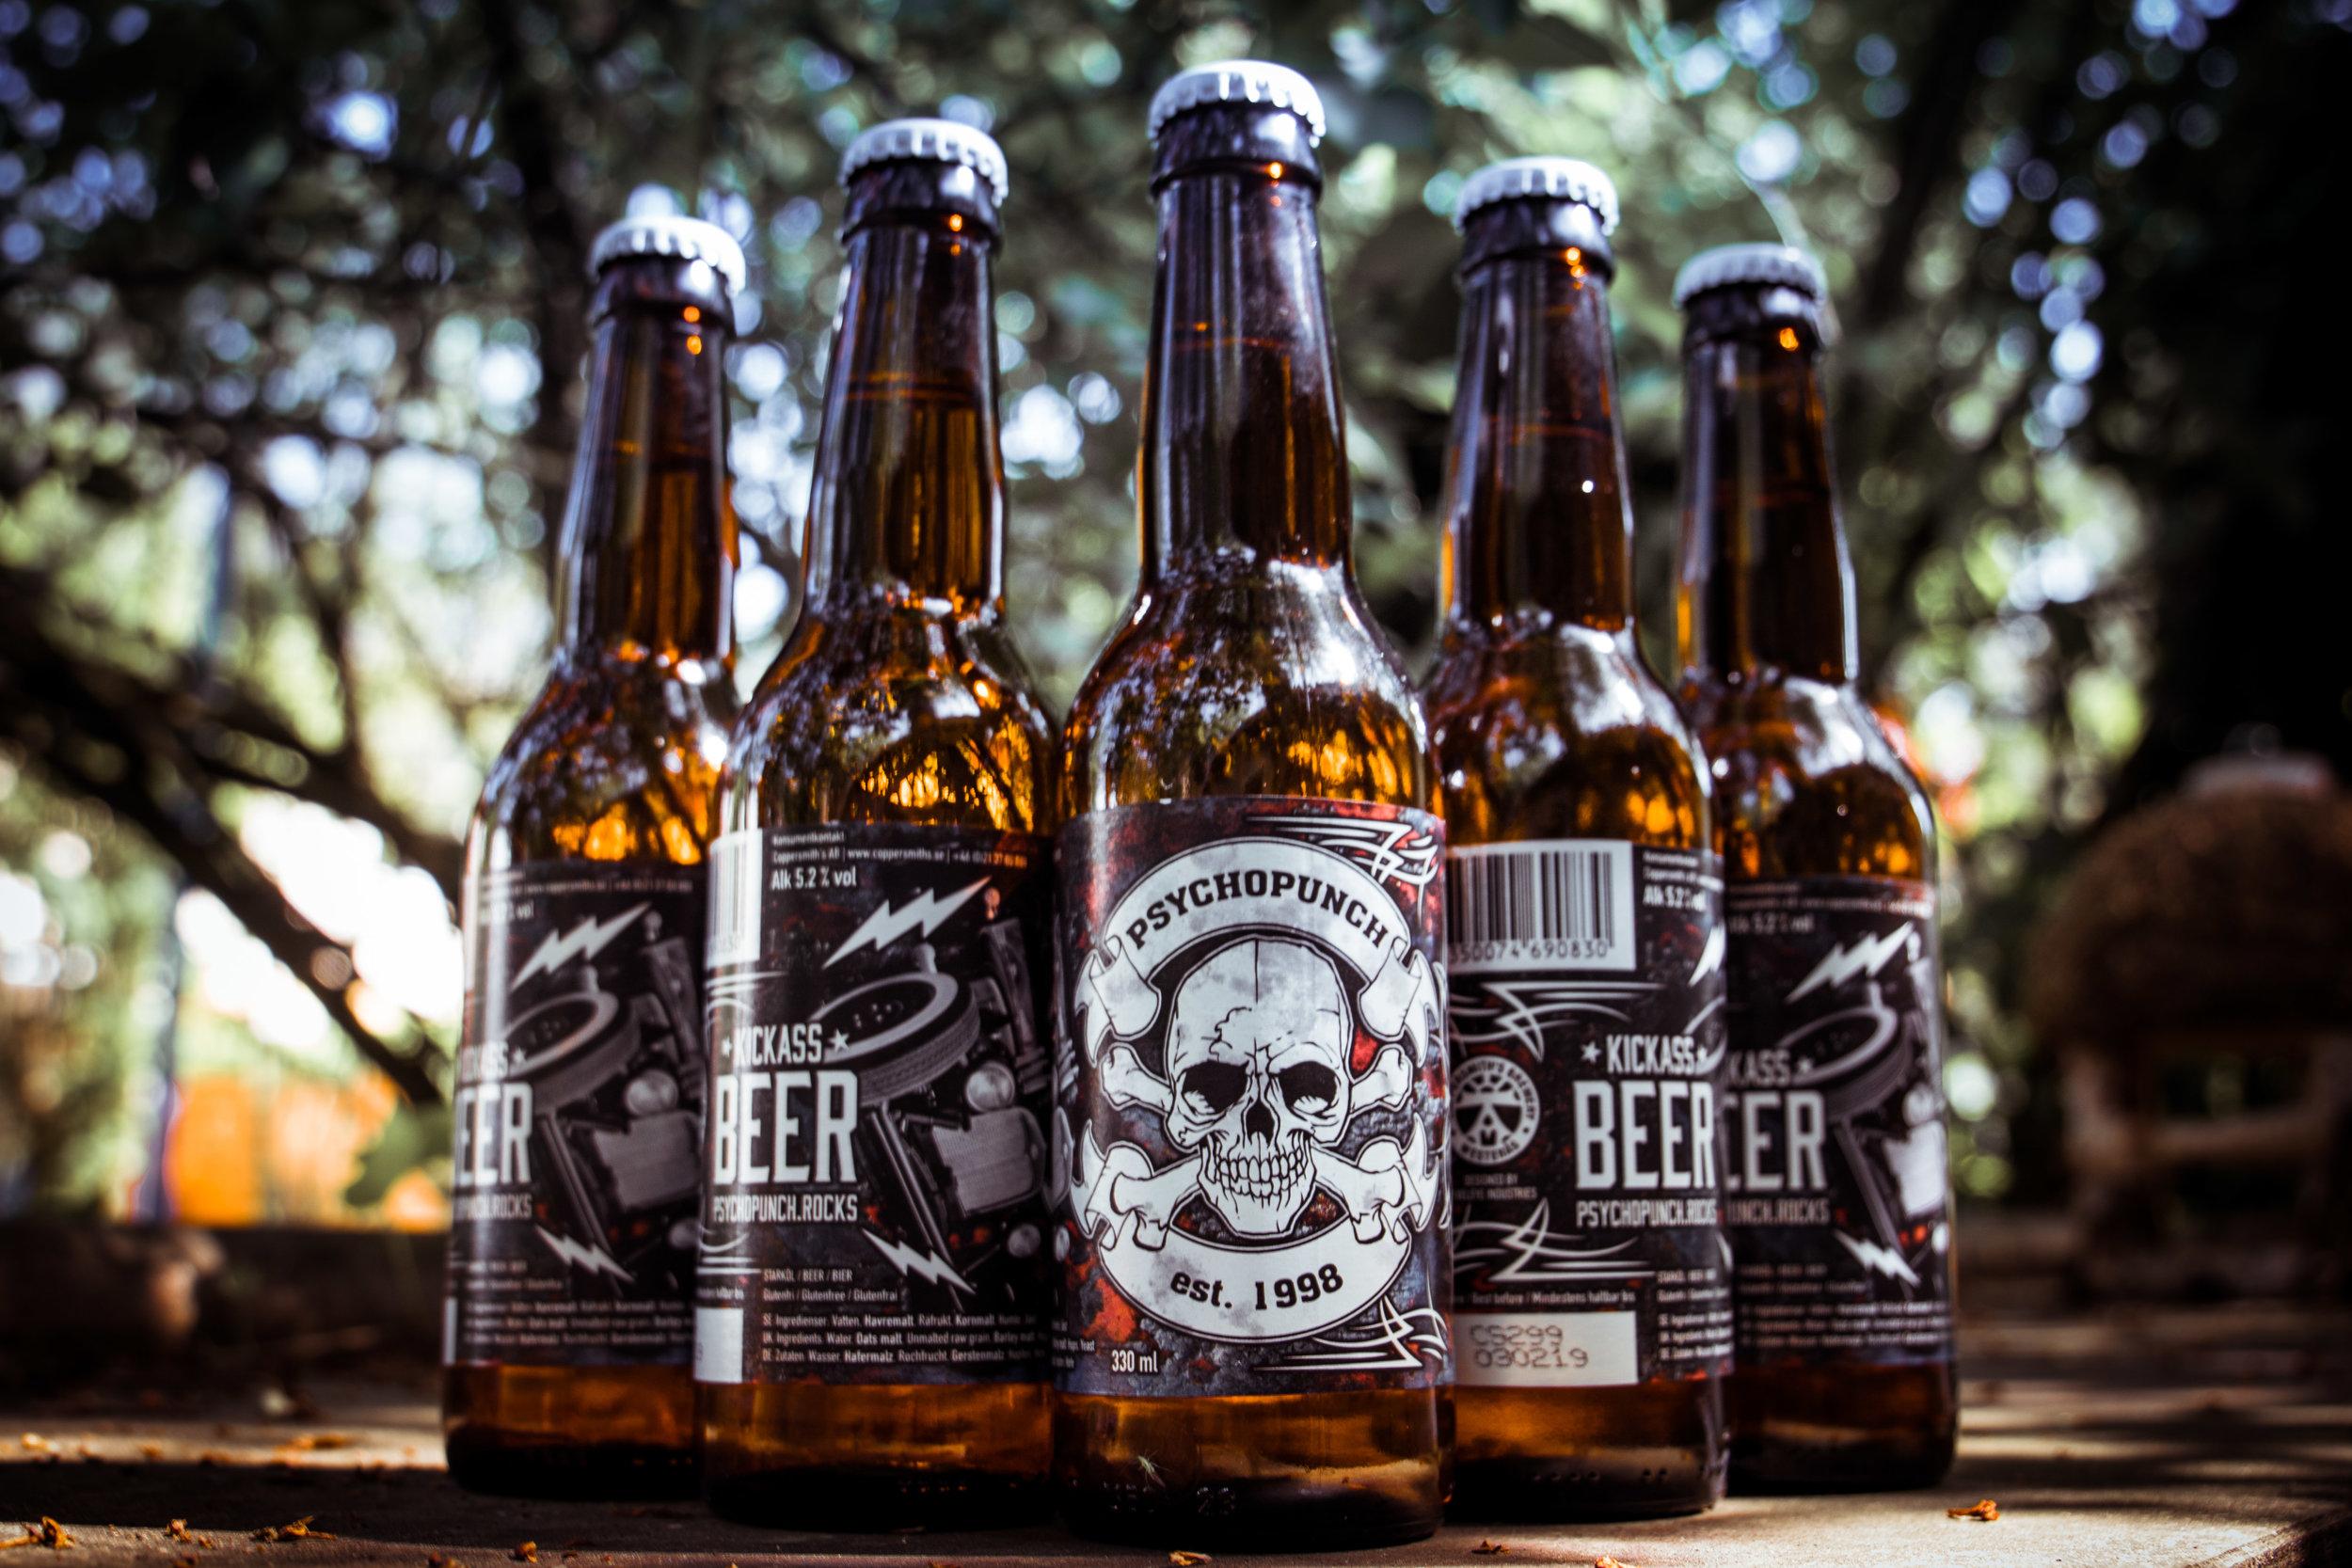 Psychopunch Beer by Dirk Behlau 2018-4724.jpg